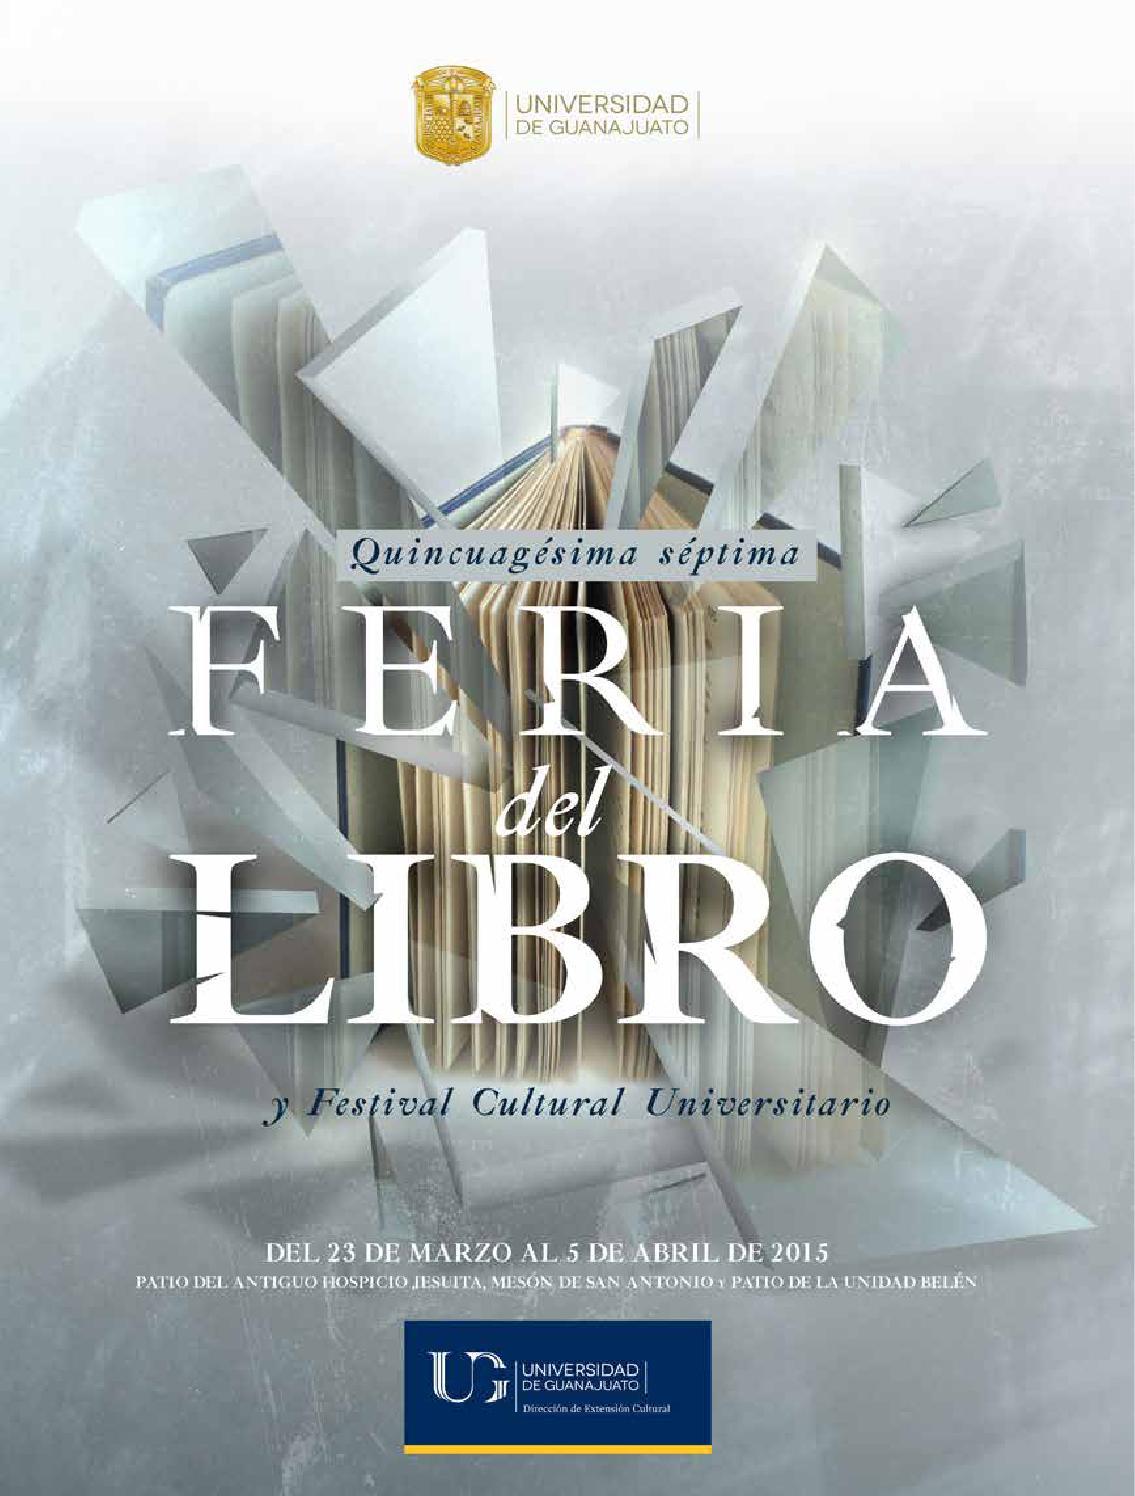 57 Feria del Libro y Festival Cultural Universitario, 2015 -extenso ...